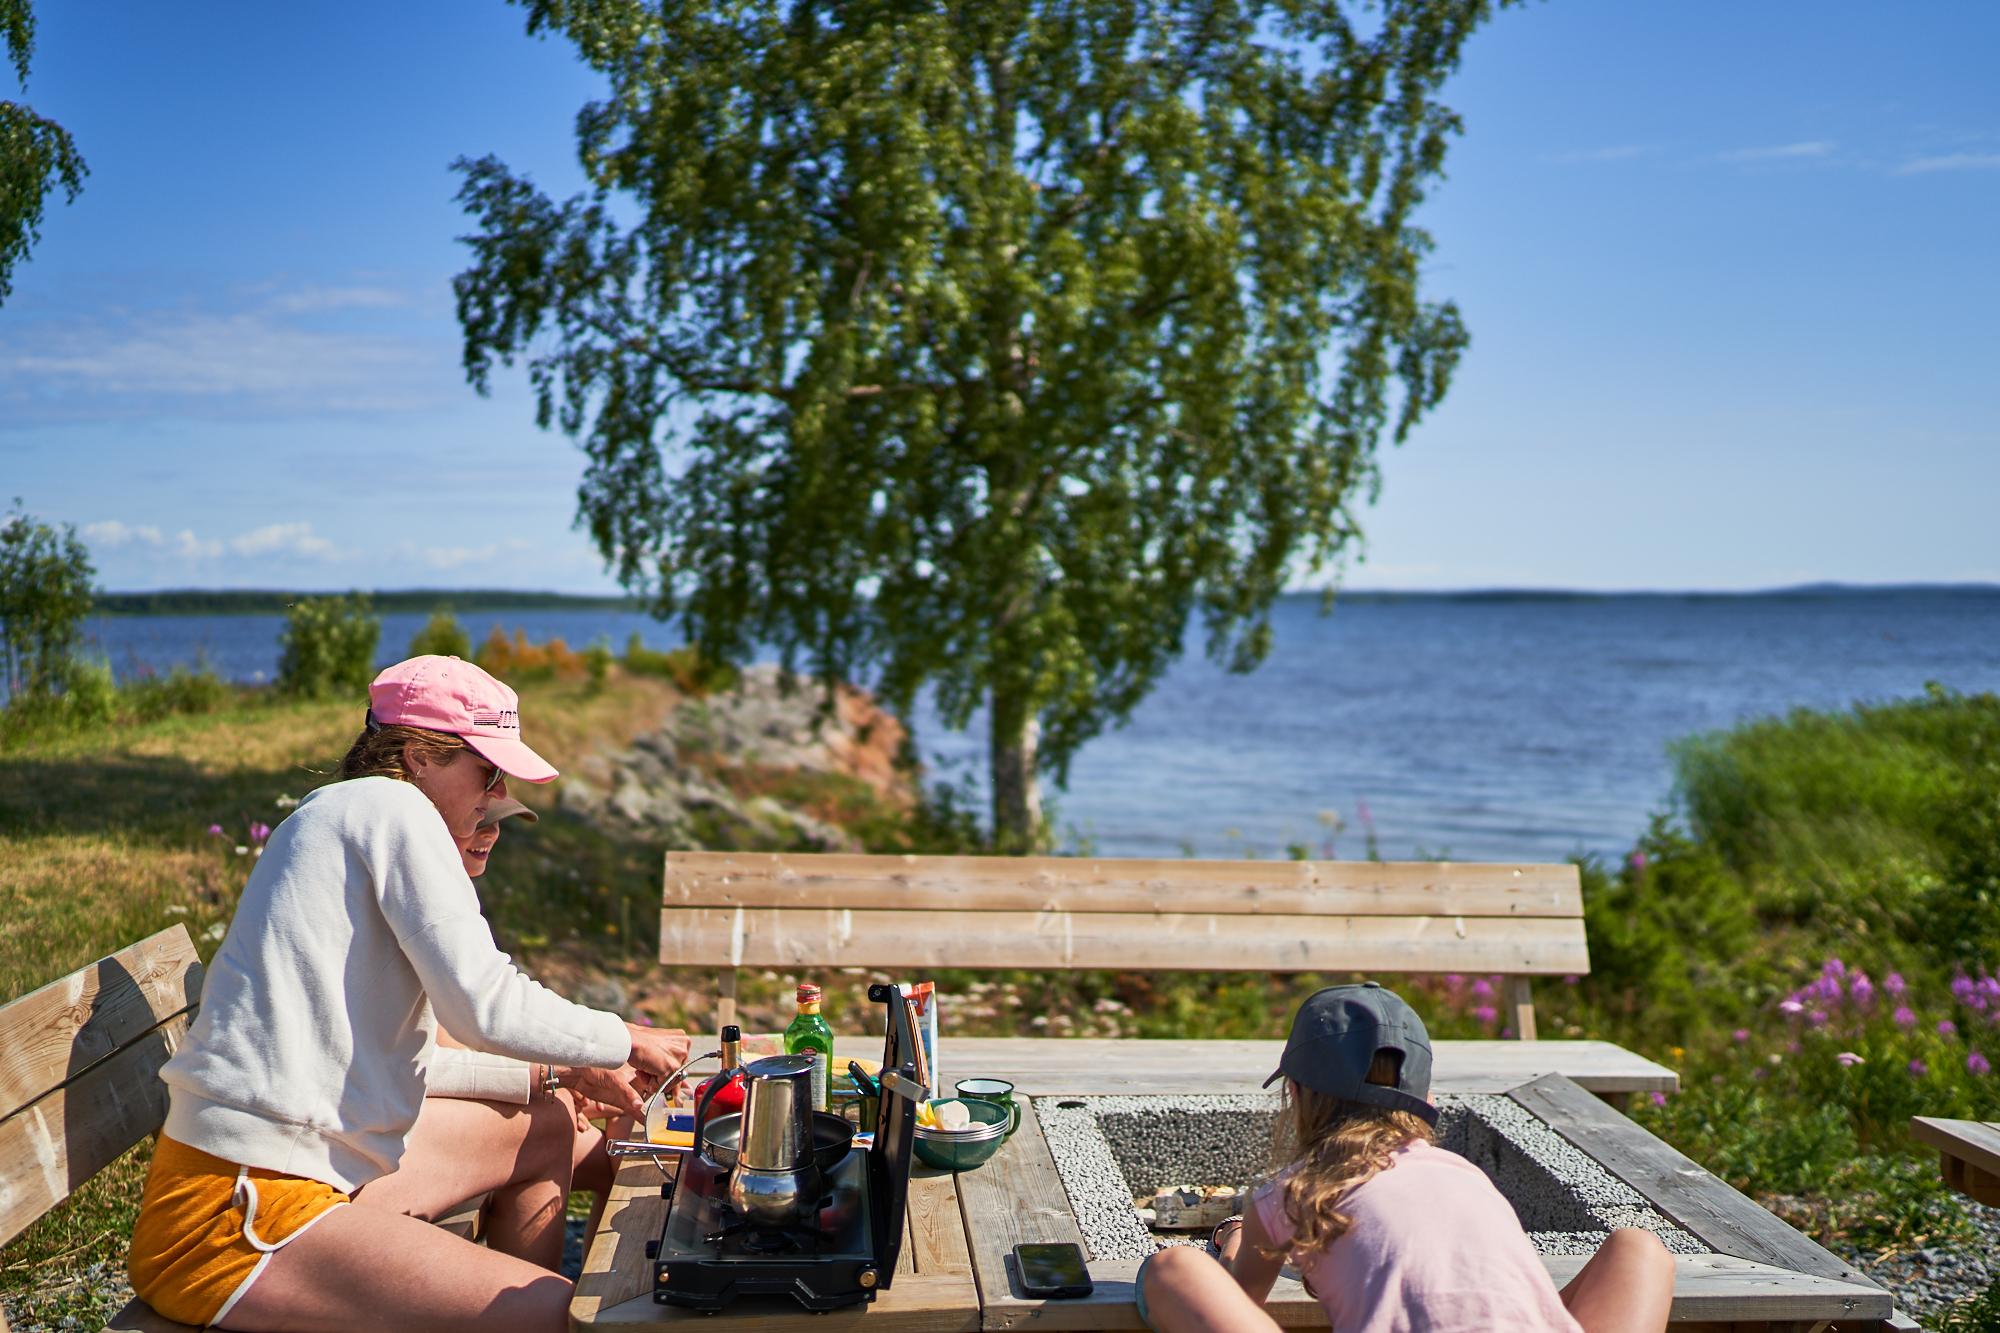 20190710-Zweden-S19-NIK08525.jpg